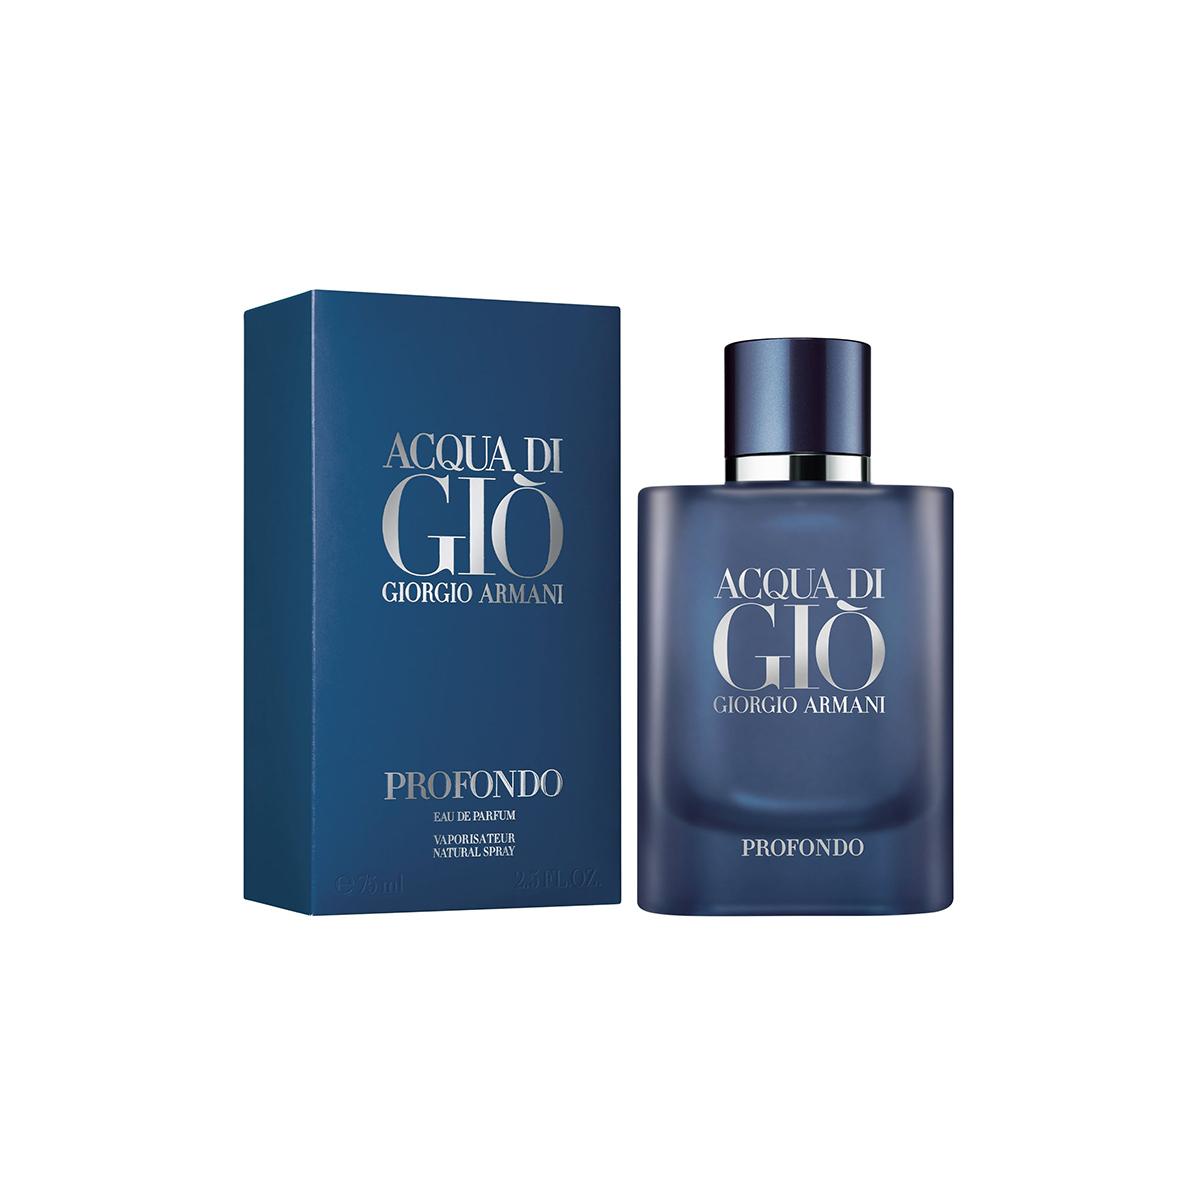 Giorgio armani acqua di gio profondo eau de parfum 75ml vaporizador